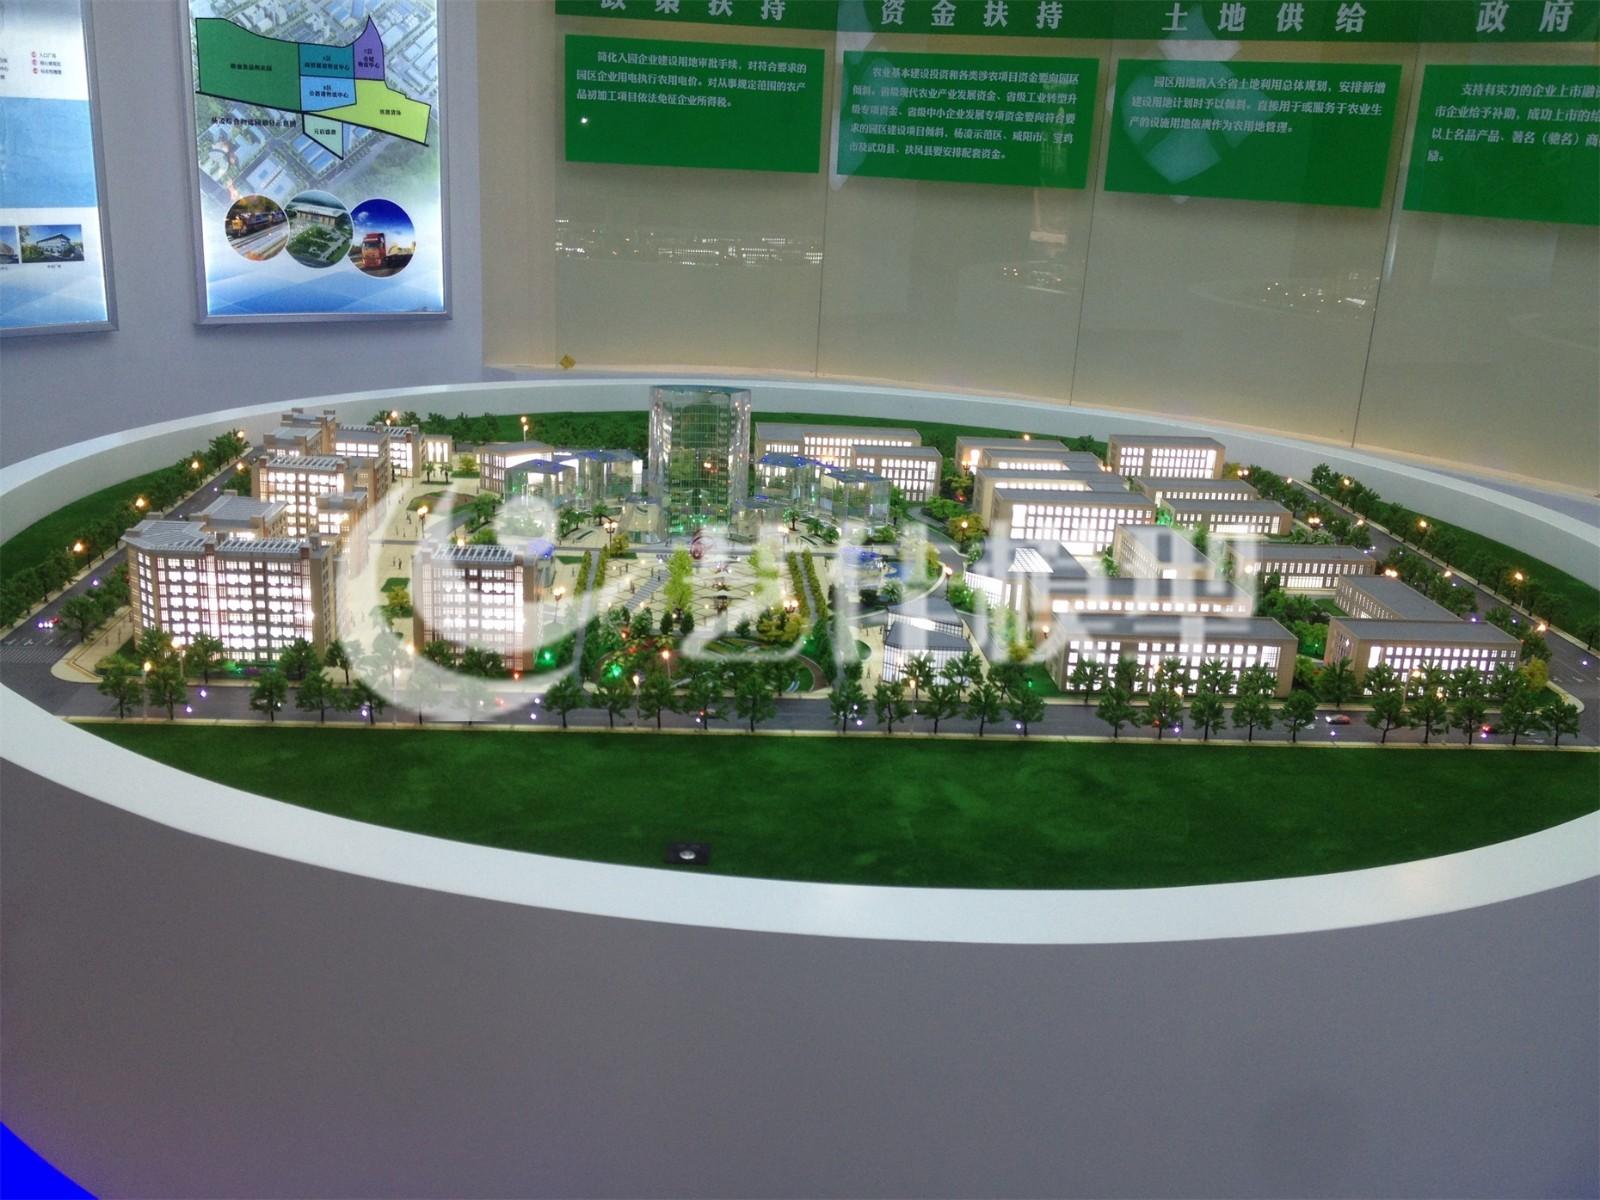 陕西省杨凌农业工业园